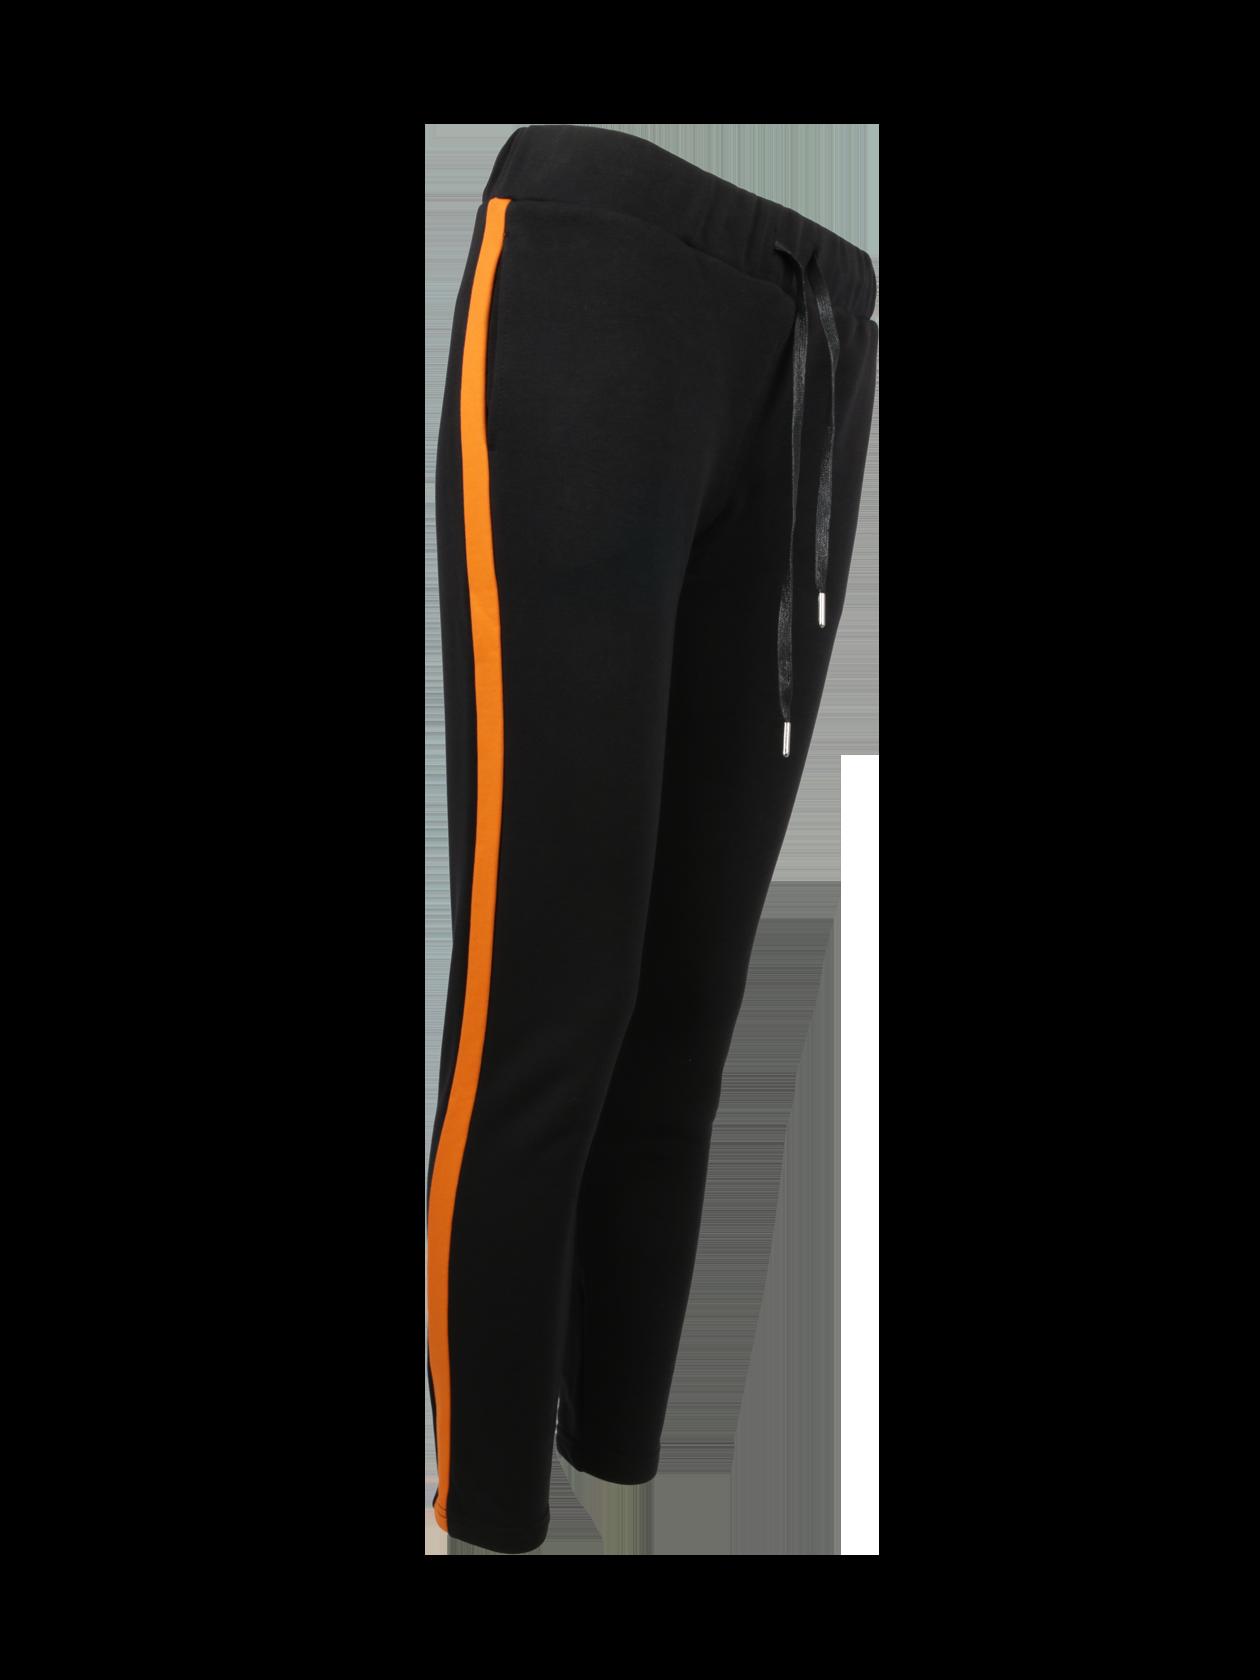 Брюки женские FIRE FLAMEБрюки женские Fire Flame из коллекции Orange Flame, представленной брендом Black Star Wear. Модель спортивного стиля обладает прямым полуприлегающим силуэтом. Традиционный черный цвет отлично впишется в базовый гардероб. Лаконичные мотивы дополнены яркими элементами в виде оранжевых вертикальных вставок, расположенных по бокам изделия. Широкий пояс на резинке и завязках комфортно фиксирует брюки на фигуре. Особенностью вещи является материал – она сшита по секретной технологии из 100% хлопка класса «люкс».<br><br>Размер: XS<br>Цвет: Черный/Оранжевый<br>Пол: Женский